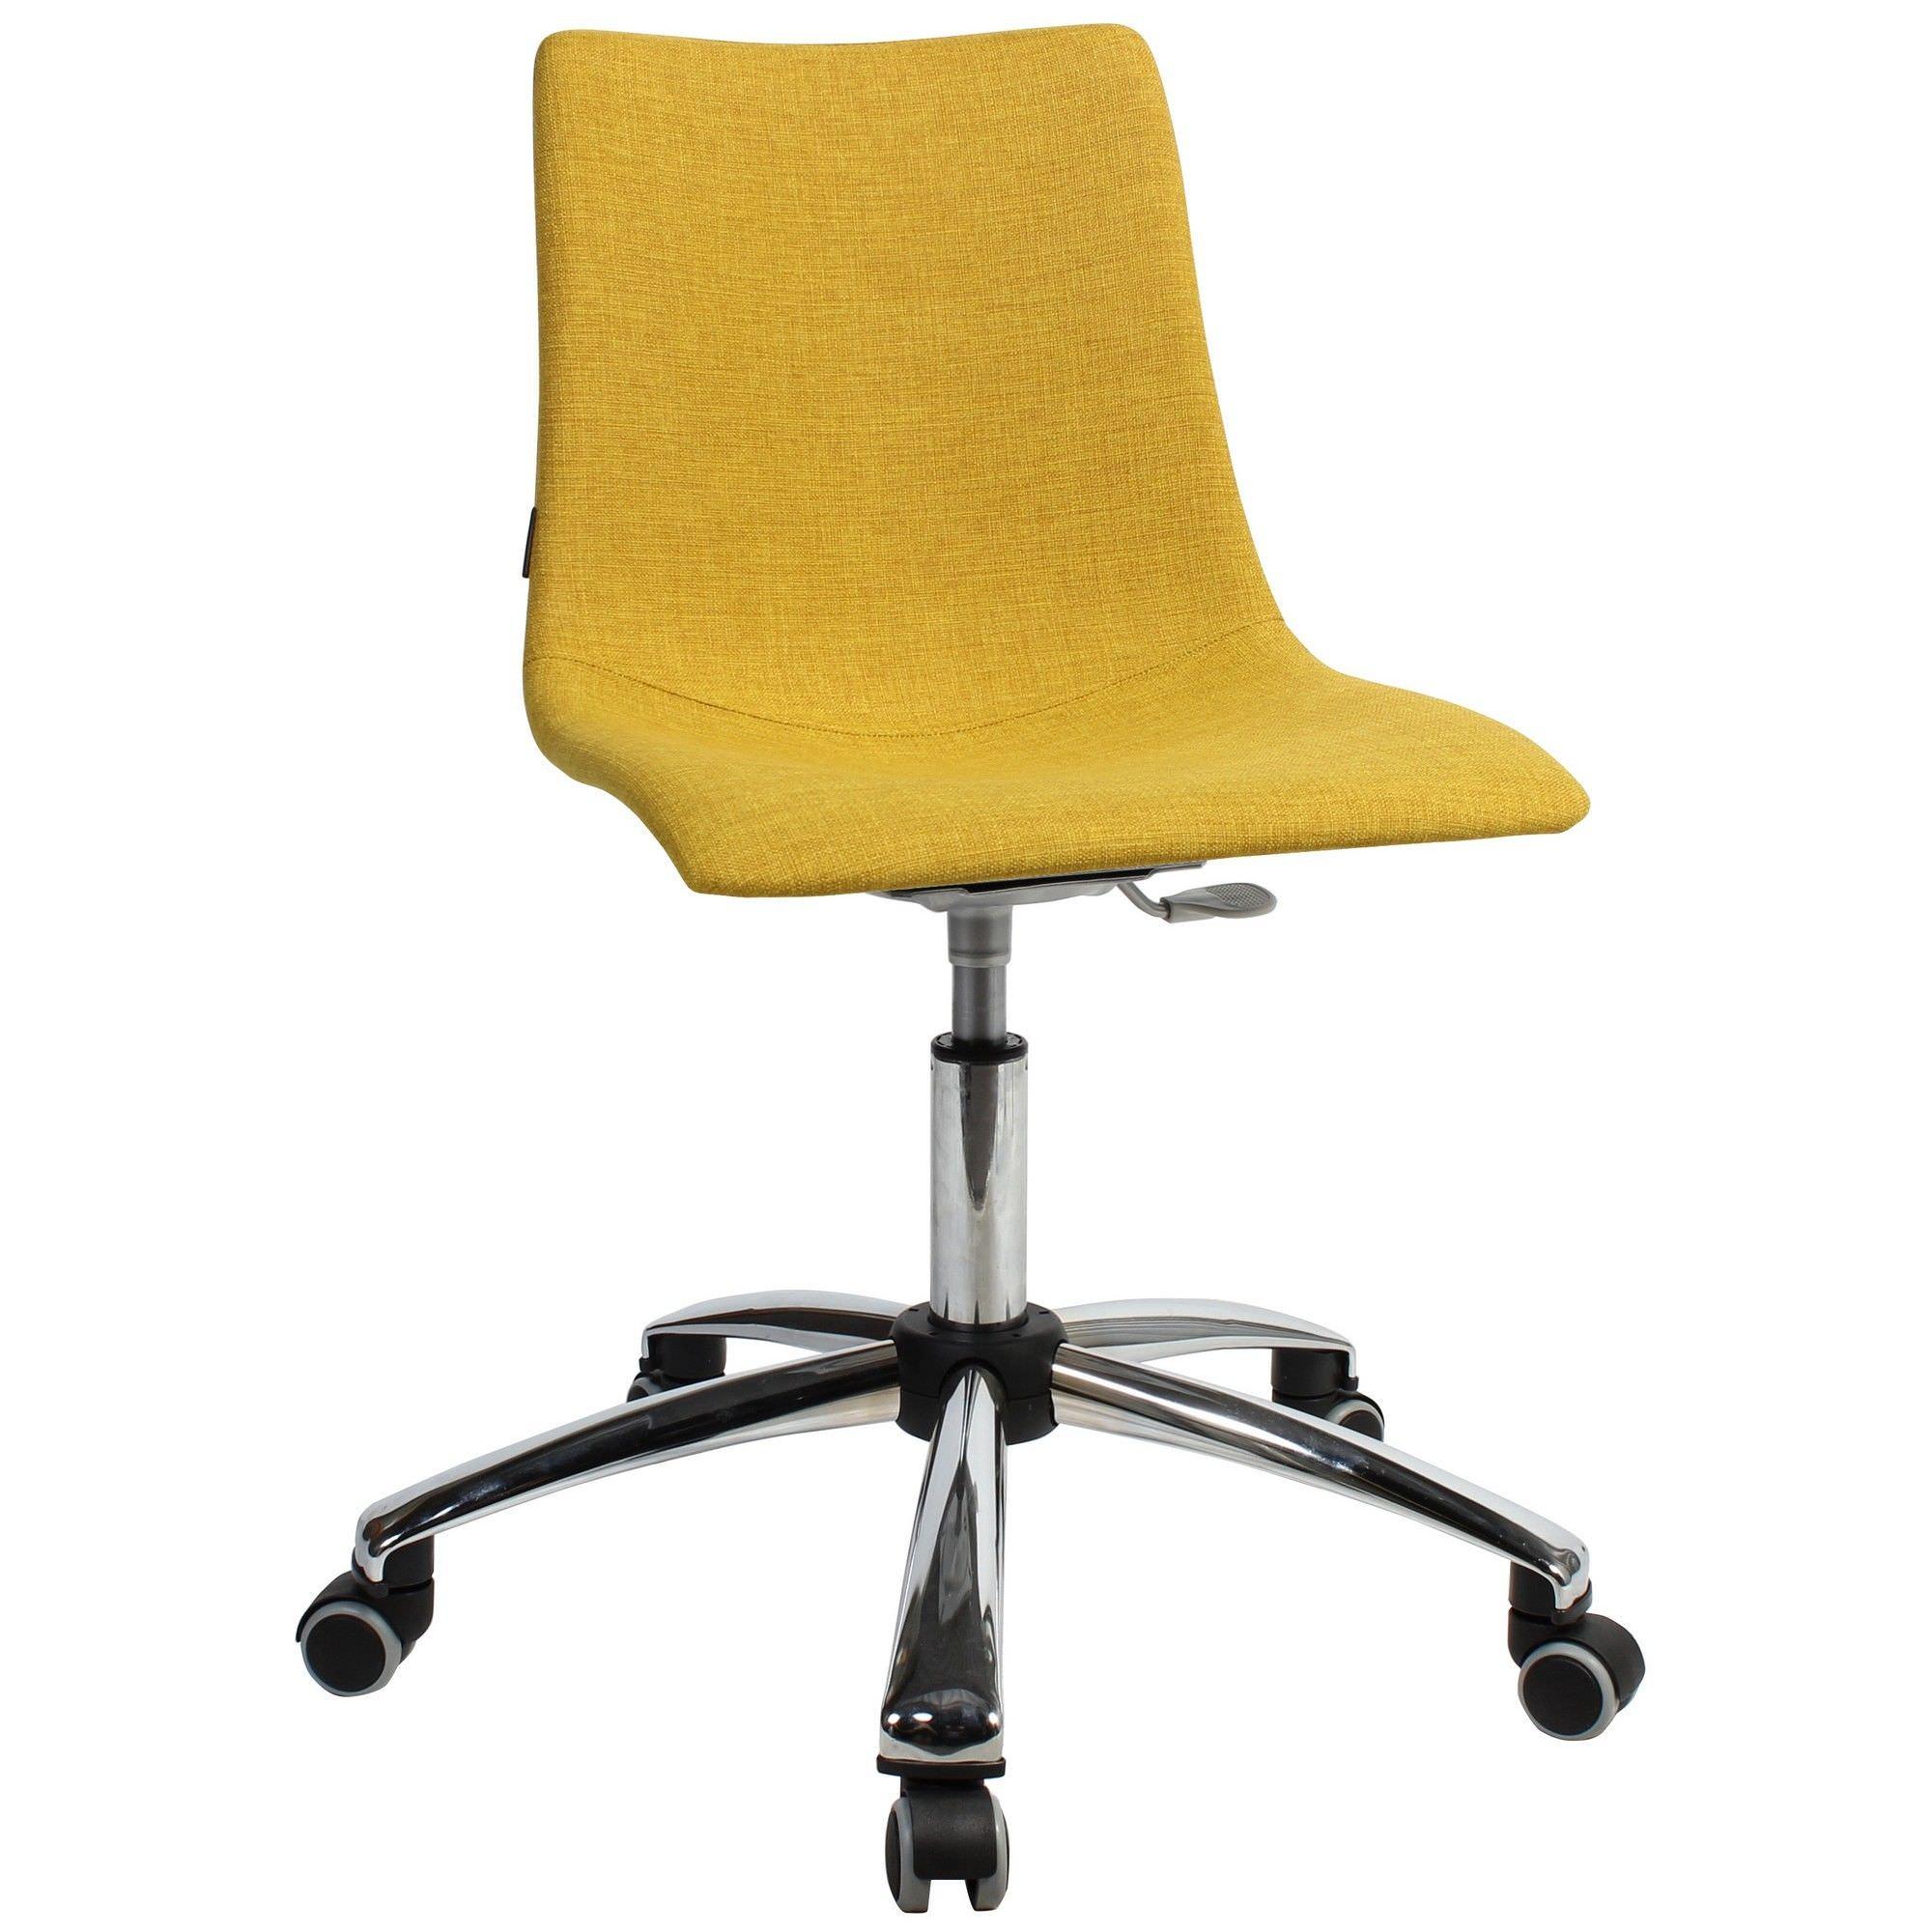 Zebra Pop Italian Made Commercial Grade Gas Lift Fabric Office Chair, Saffron